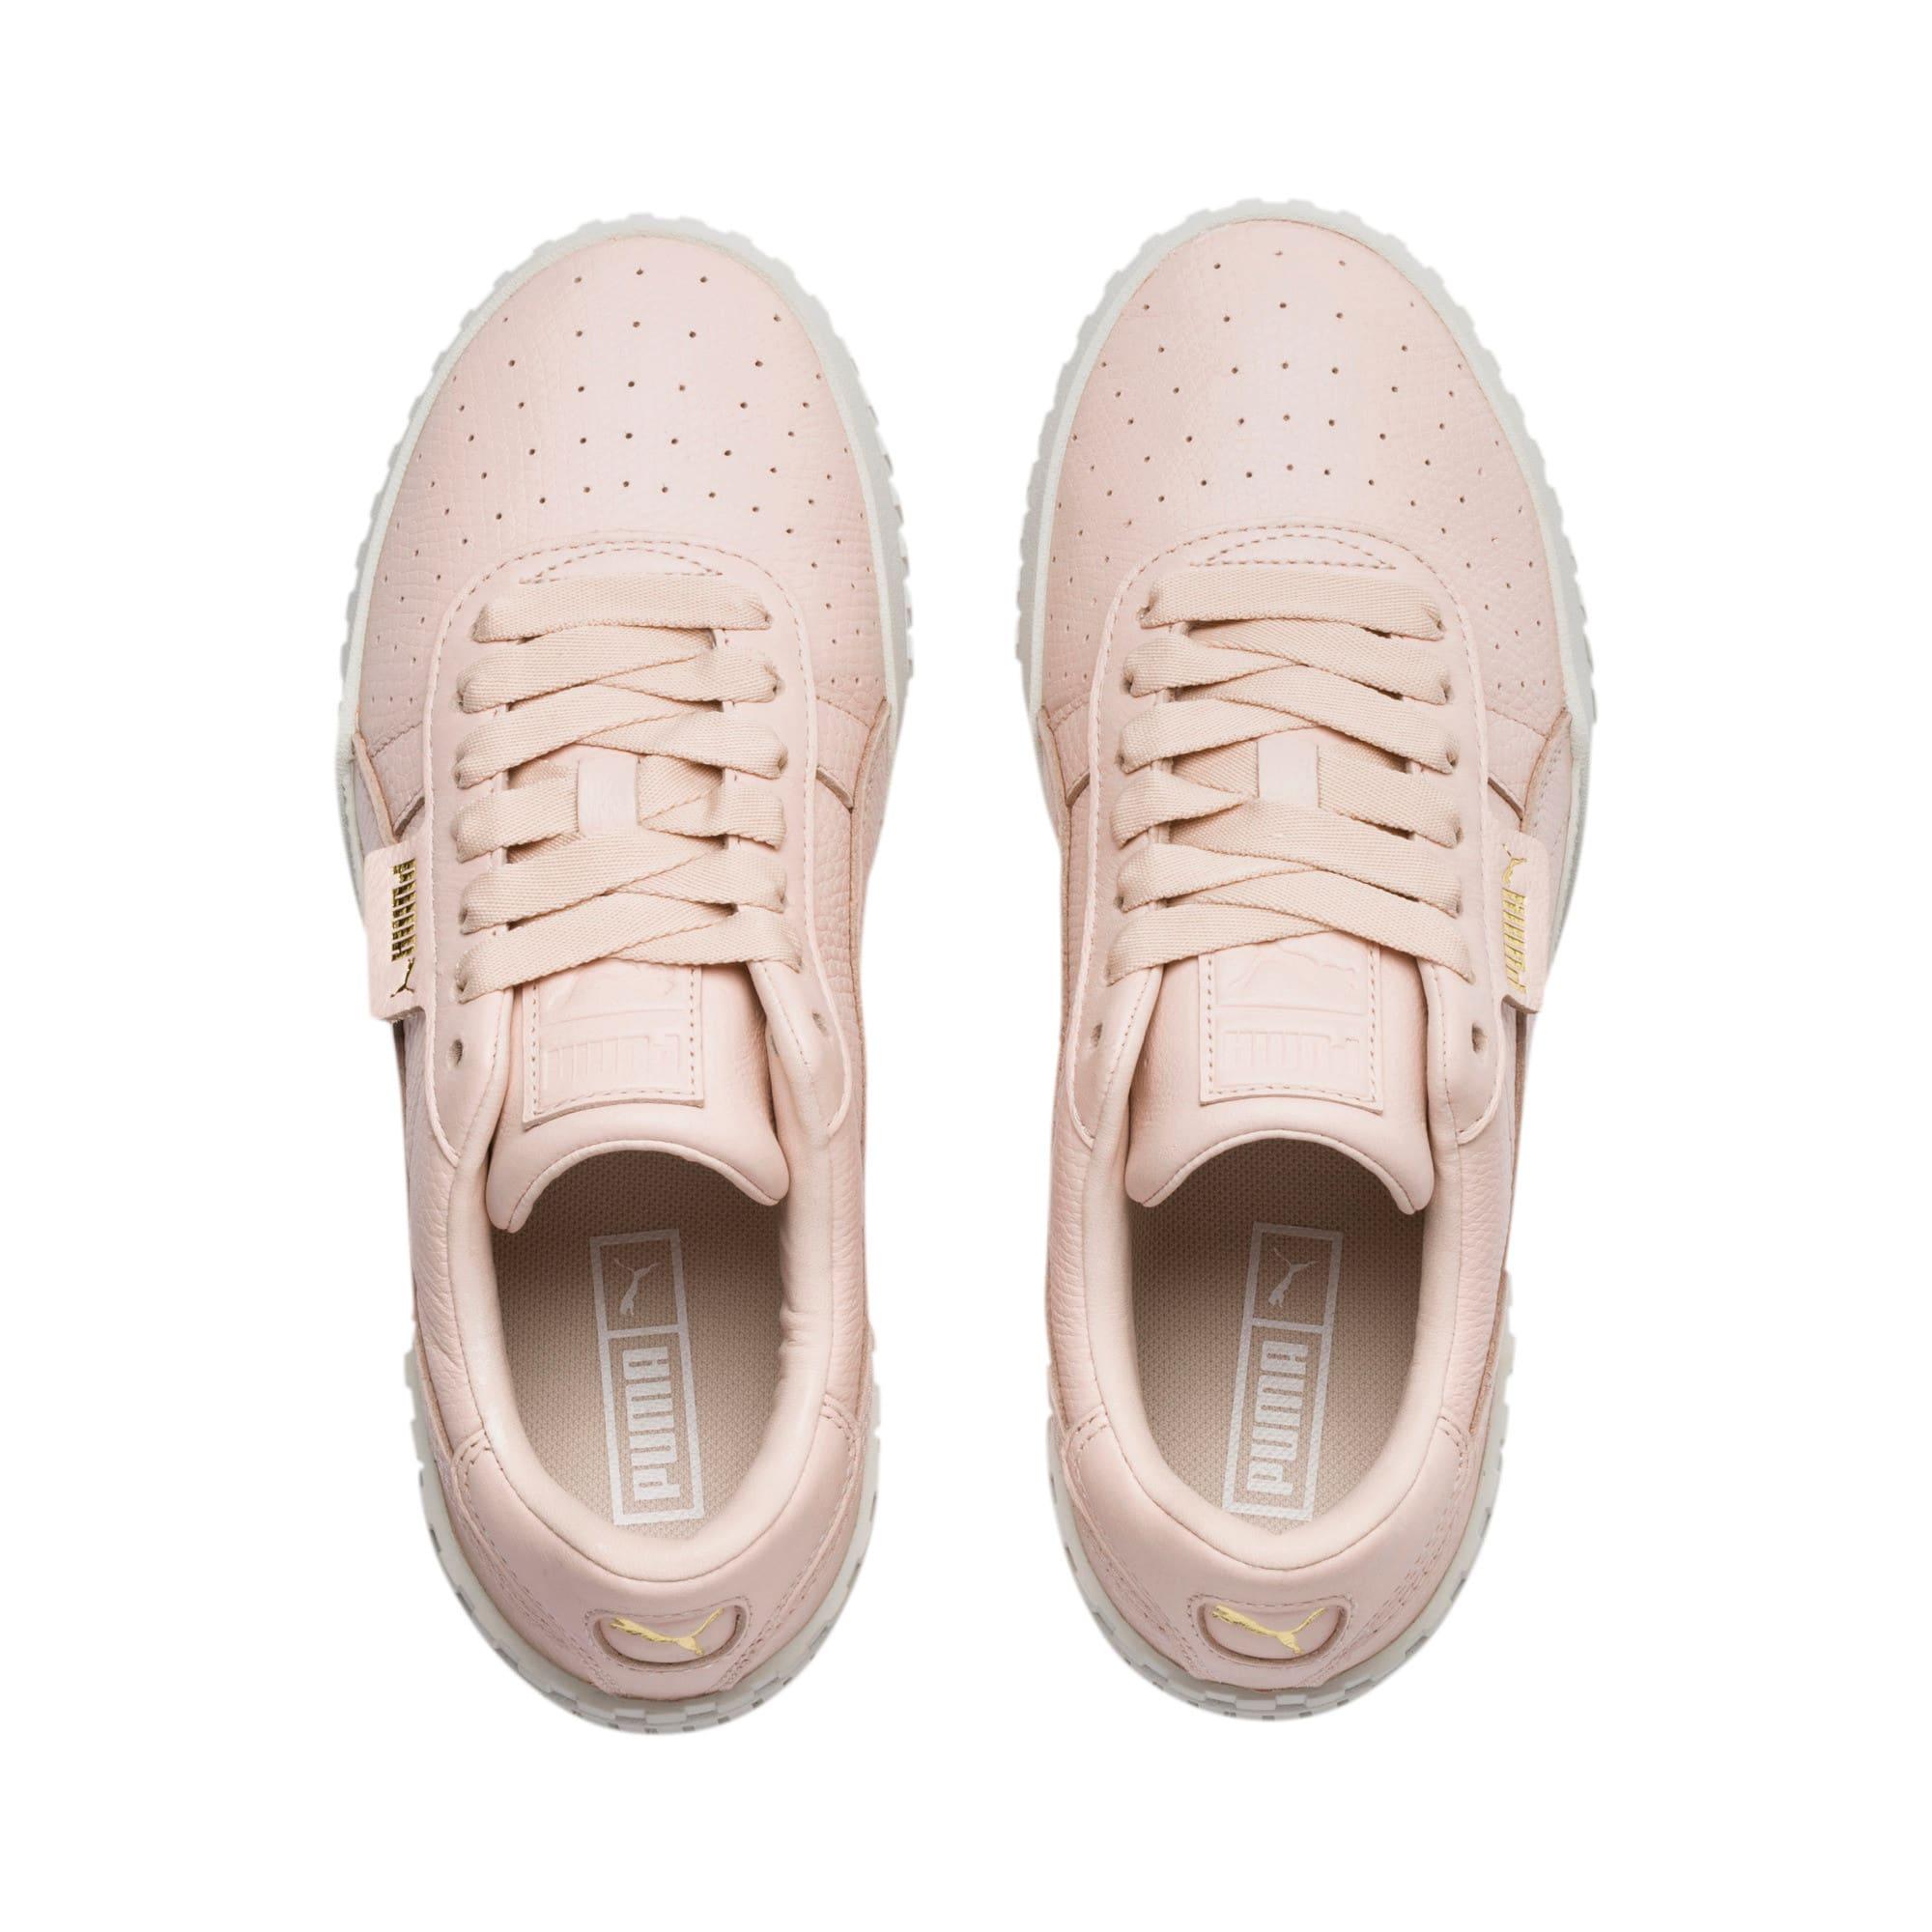 Thumbnail 7 of Cali Emboss sneakers voor dames, Cream Tan-Cream Tan, medium